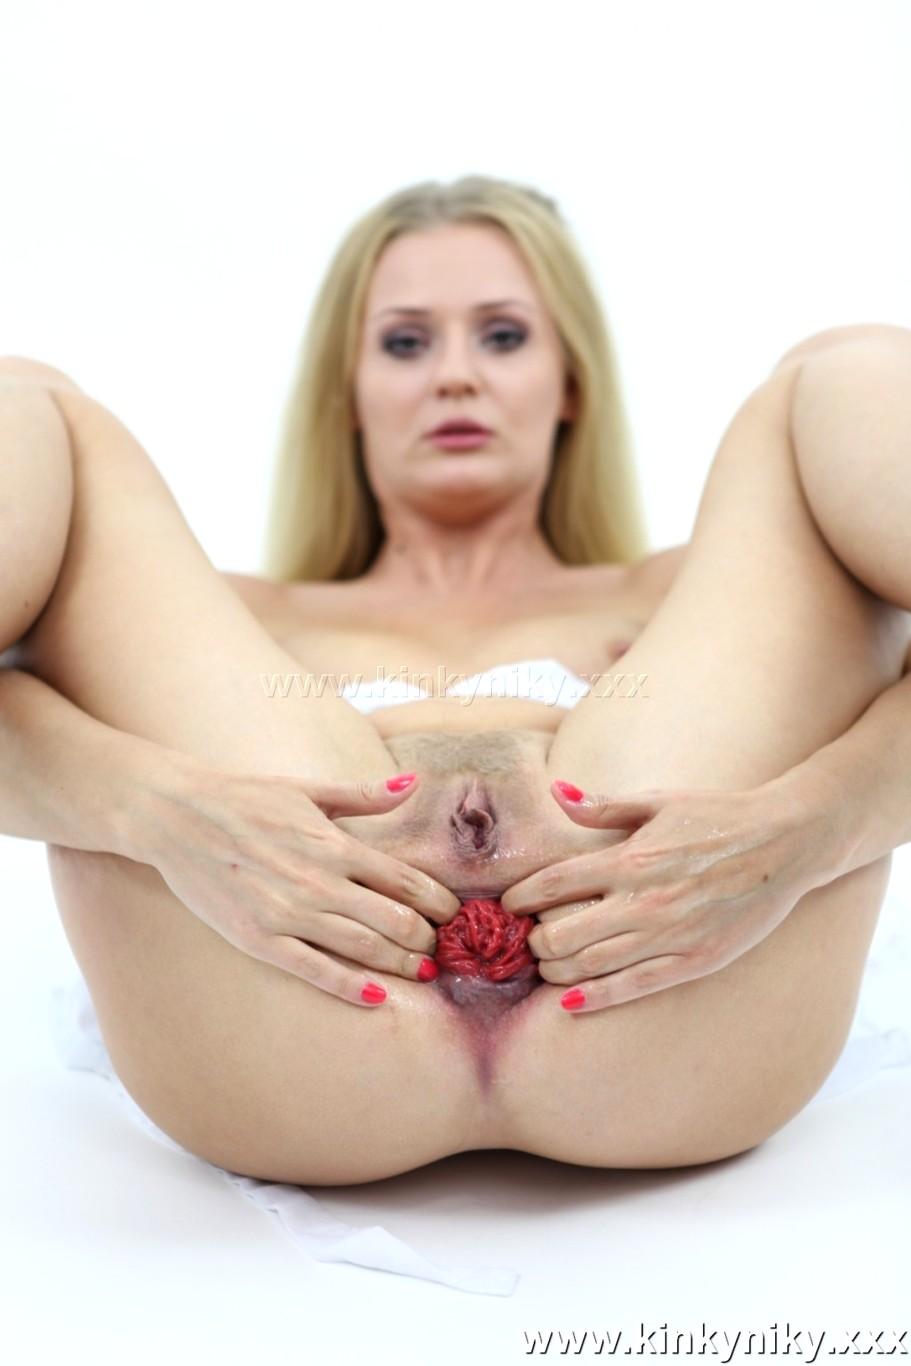 Sexy Kinky Videos